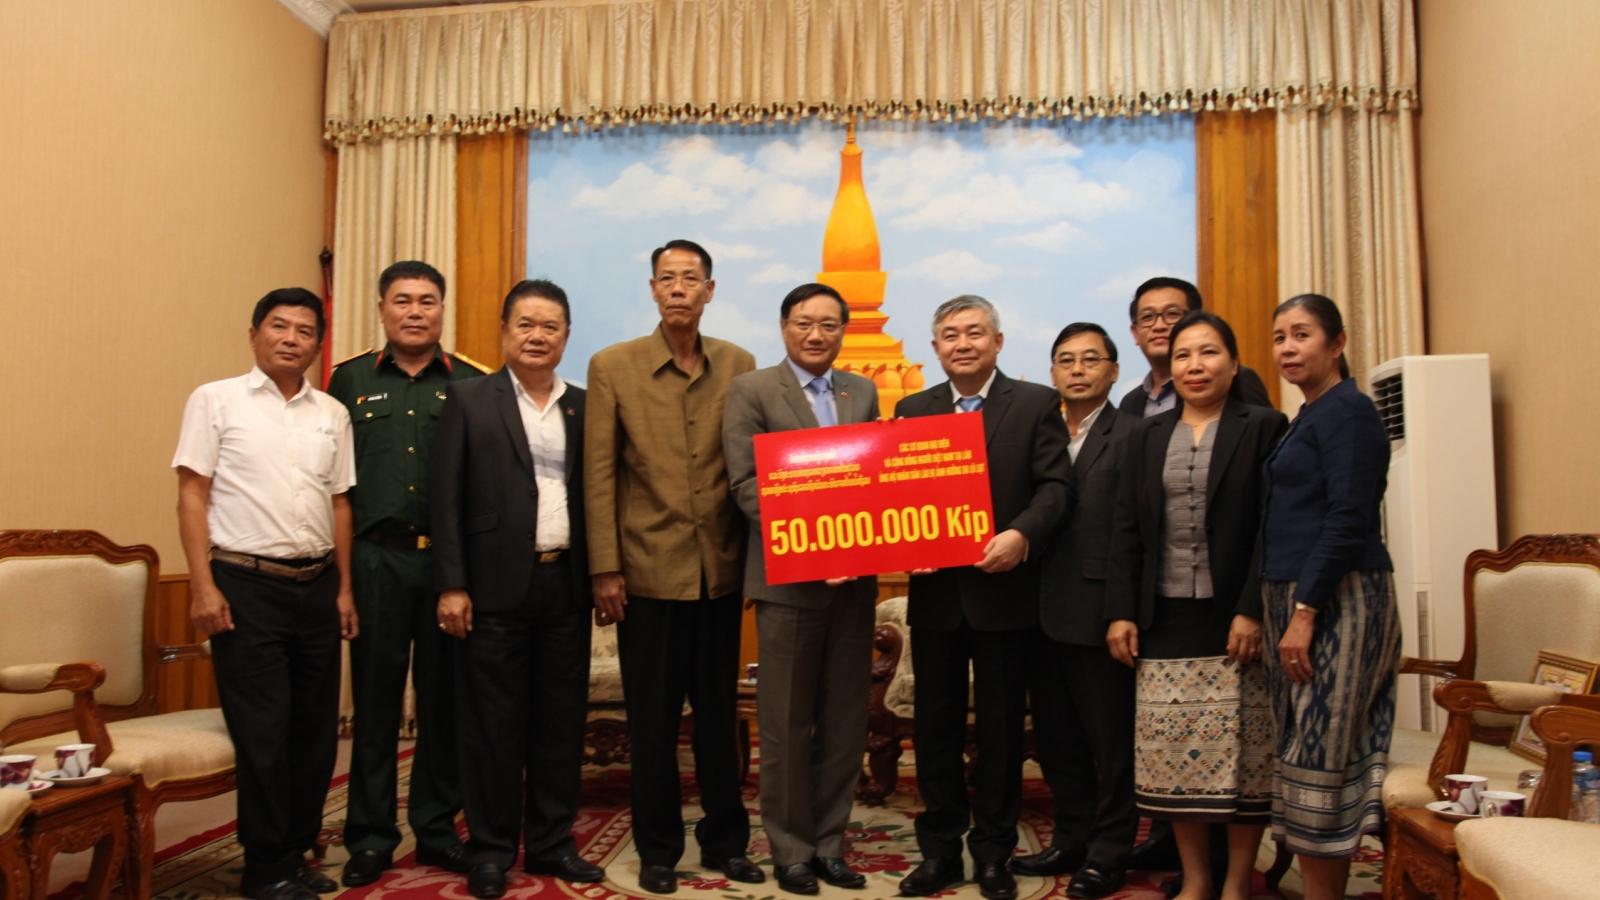 Đại sứ quán Việt Nam trao tiền ủng hộ người dân vùng lũ Savanakhet (Lào)